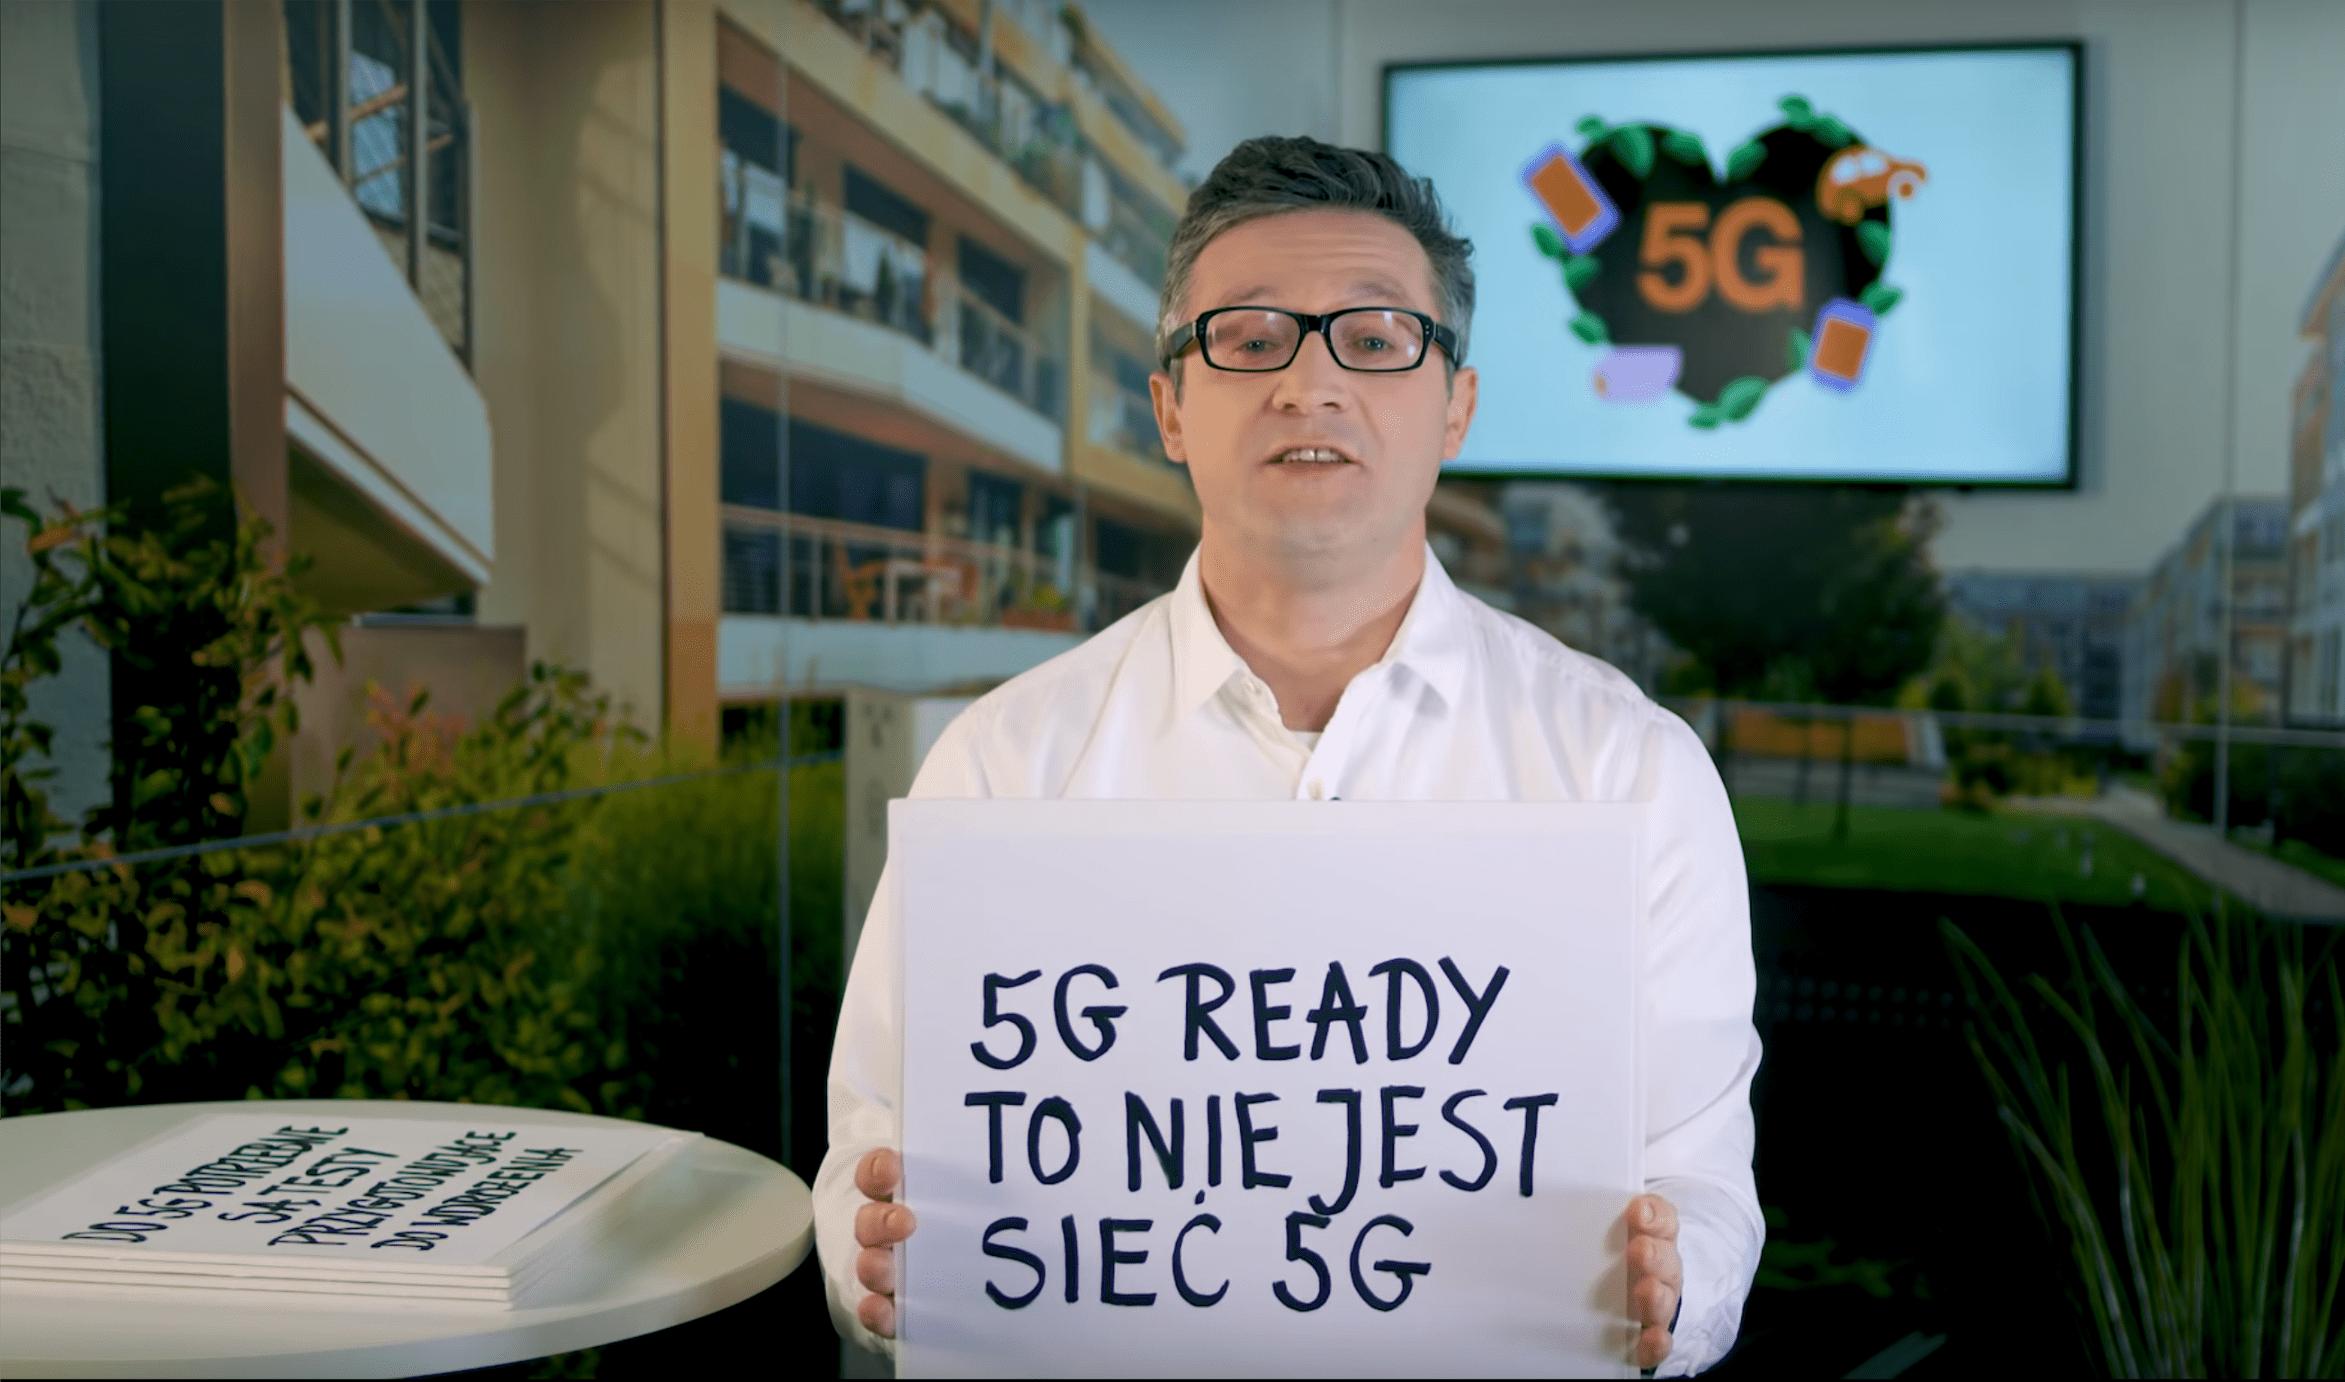 """Rzecznik Orange z krucjatą przeciw pokrętnemu marketingowi Play. """"5G Ready to nie jest sieć 5G"""" 27"""